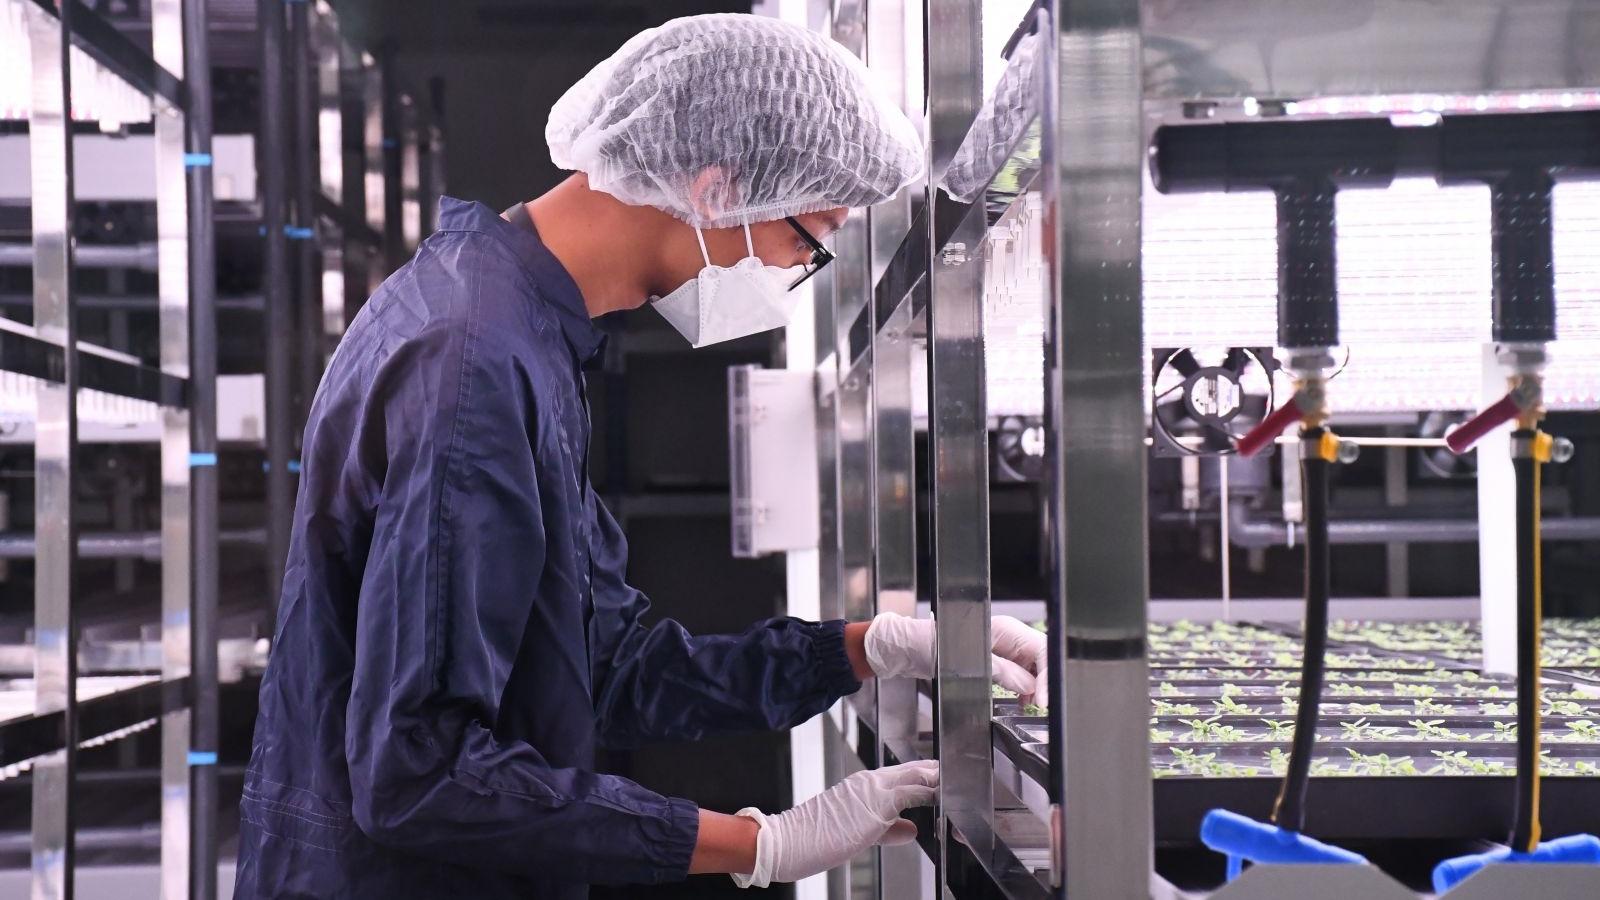 จุฬา-ใบยา วัคซีนโควิด วัคซีนโควิดไทย